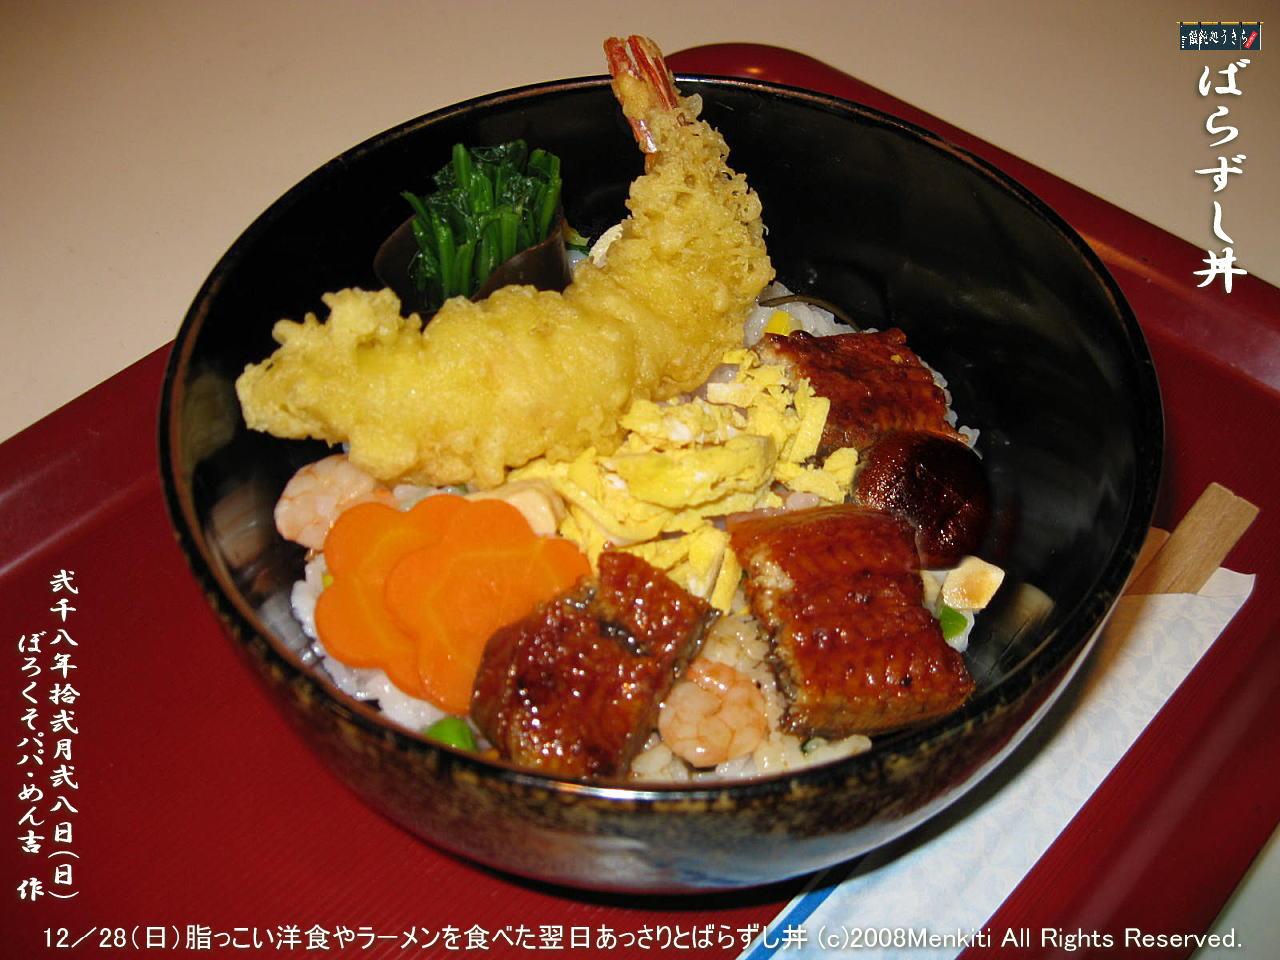 12/28(日)脂っこい洋食やラーメンを食べた翌日あっさりと「ばらずし(ちらしずし・ちらし寿司・五目ちらし・五目すし、ばらずし・ばら寿司・ばらちらし)丼」@キャツピ&めん吉の【ぼろくそパパの独り言】    ▼クリックで1280x960pxlsに拡大します。